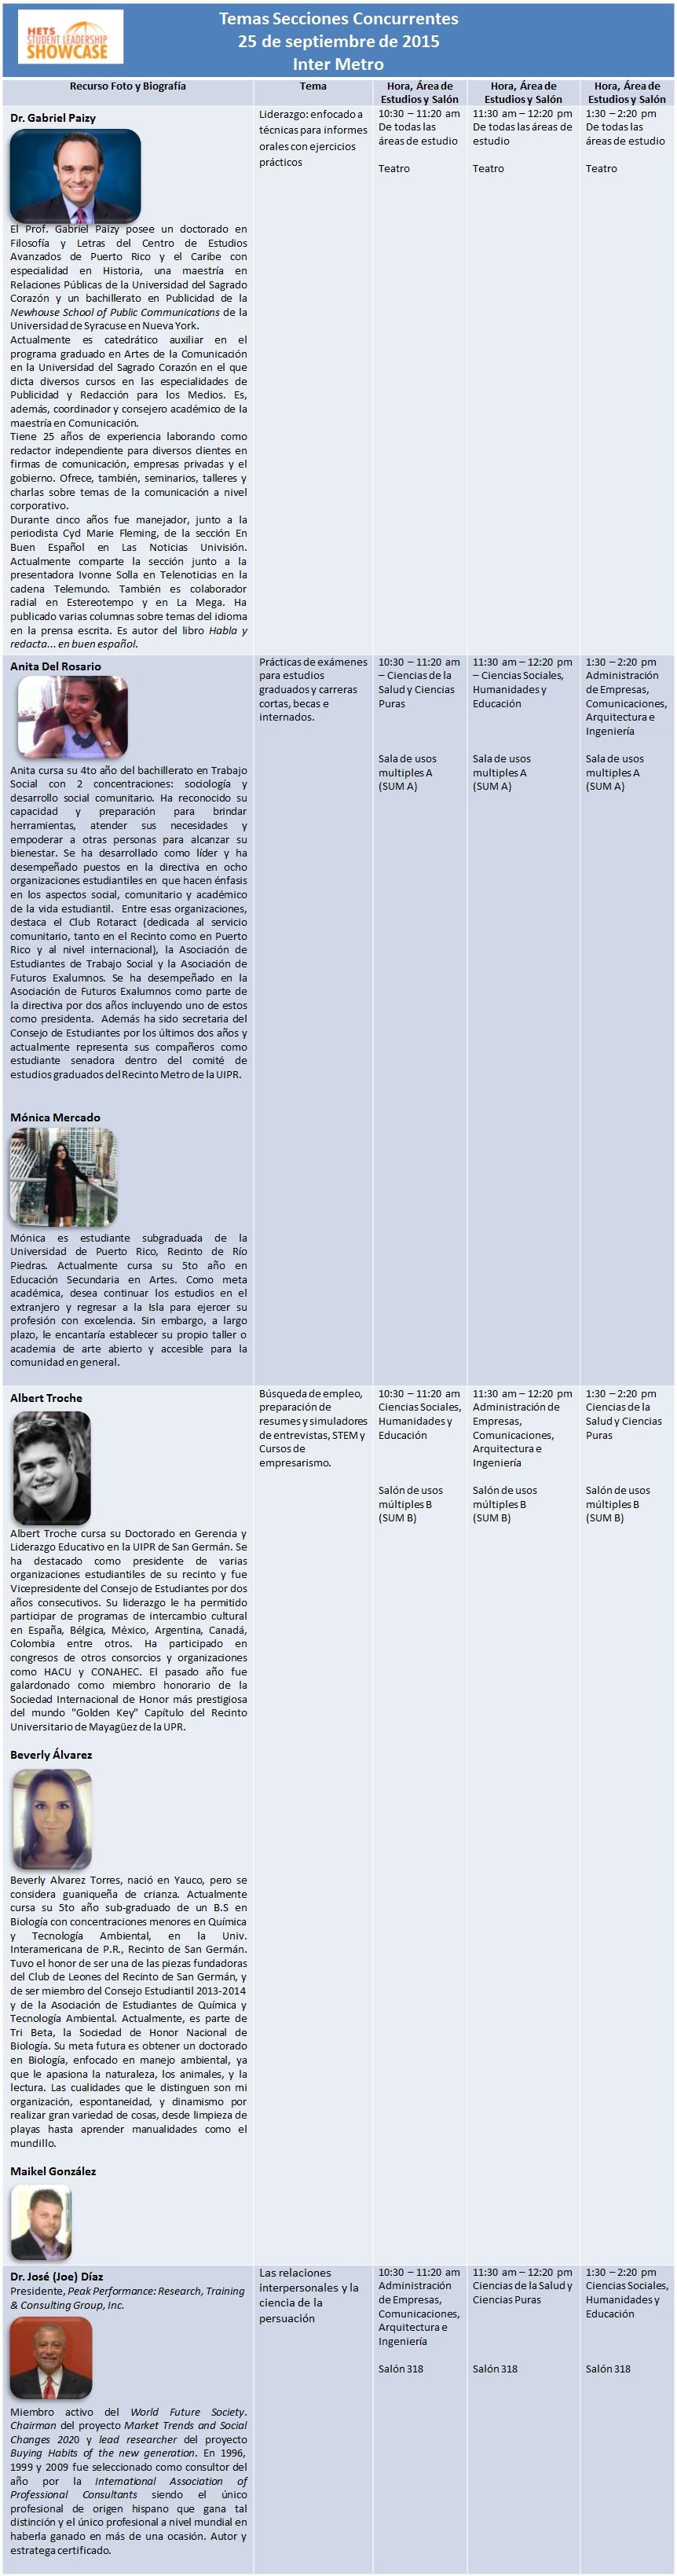 Agenda Secciones Concurrentes- Sept 2015